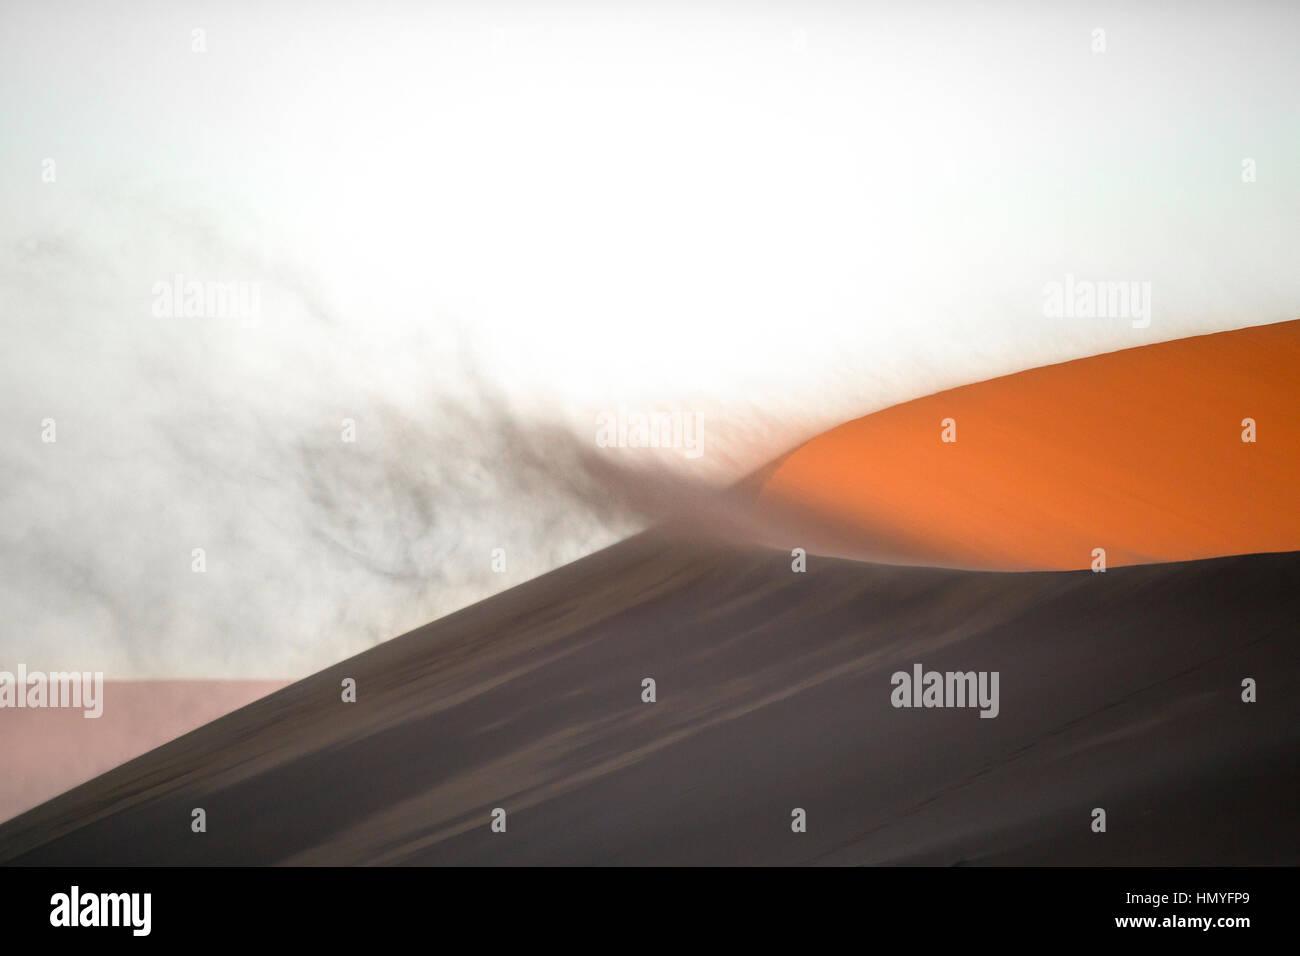 Sand blowing off une dune de sable Banque D'Images